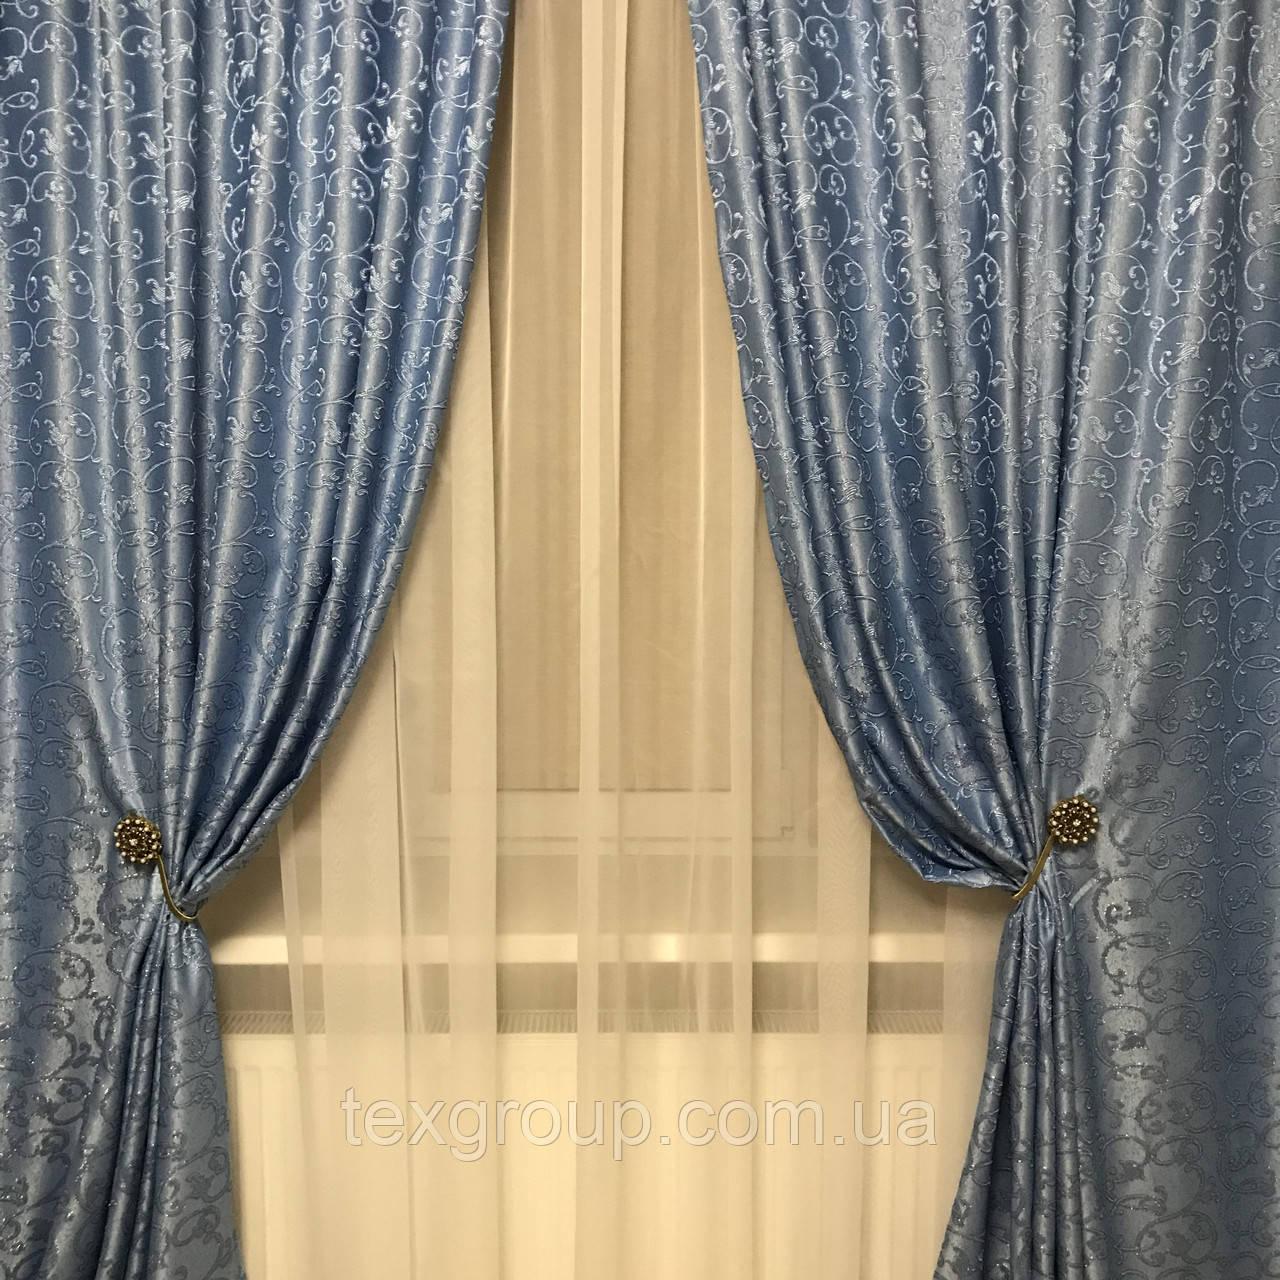 Готовые шторы №330